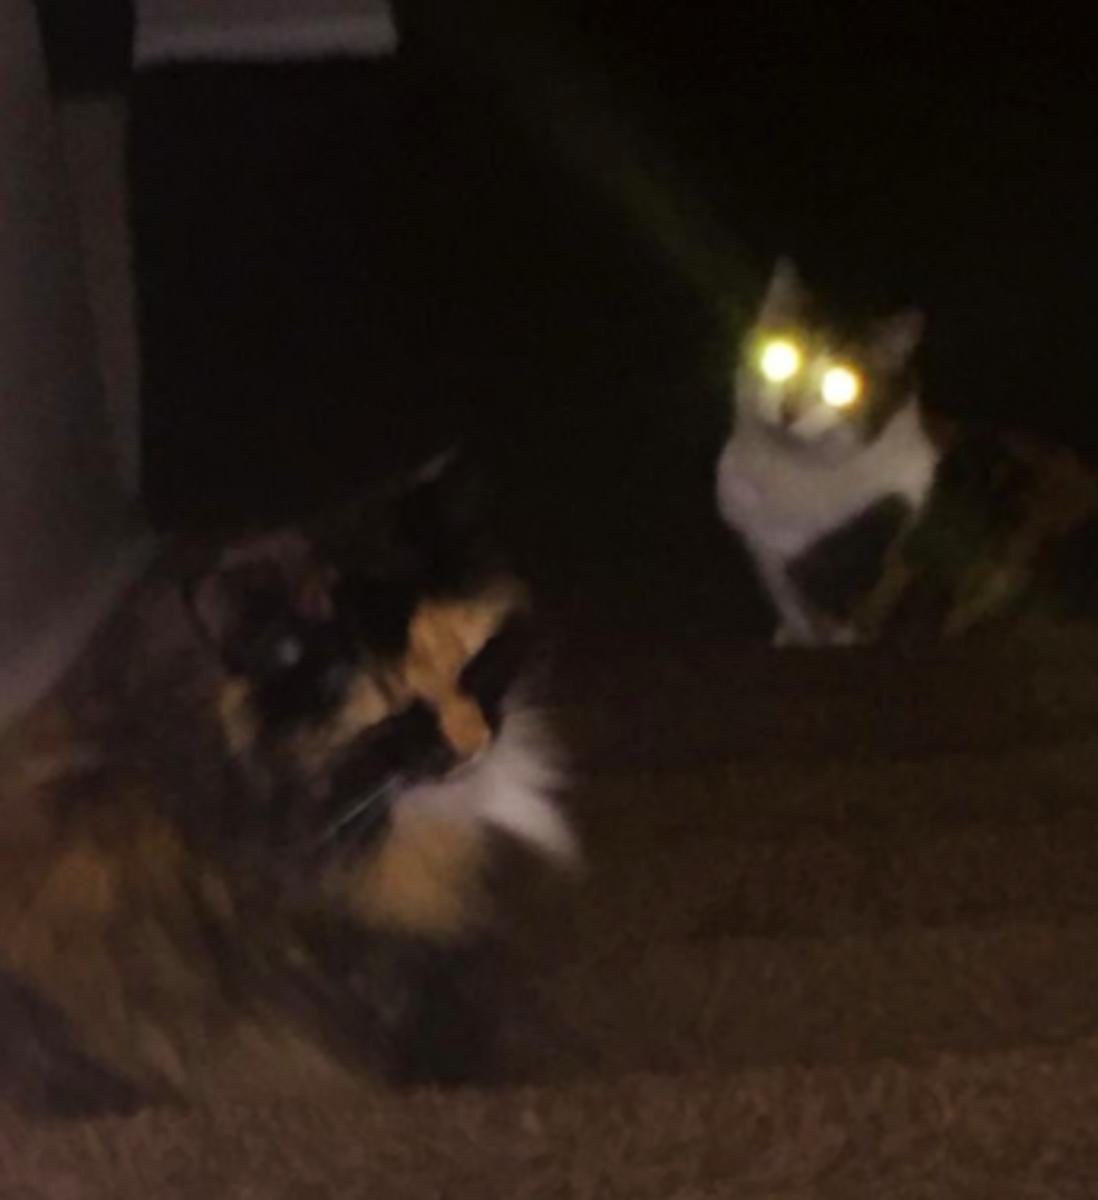 Cat's eyes glowing in the dark.